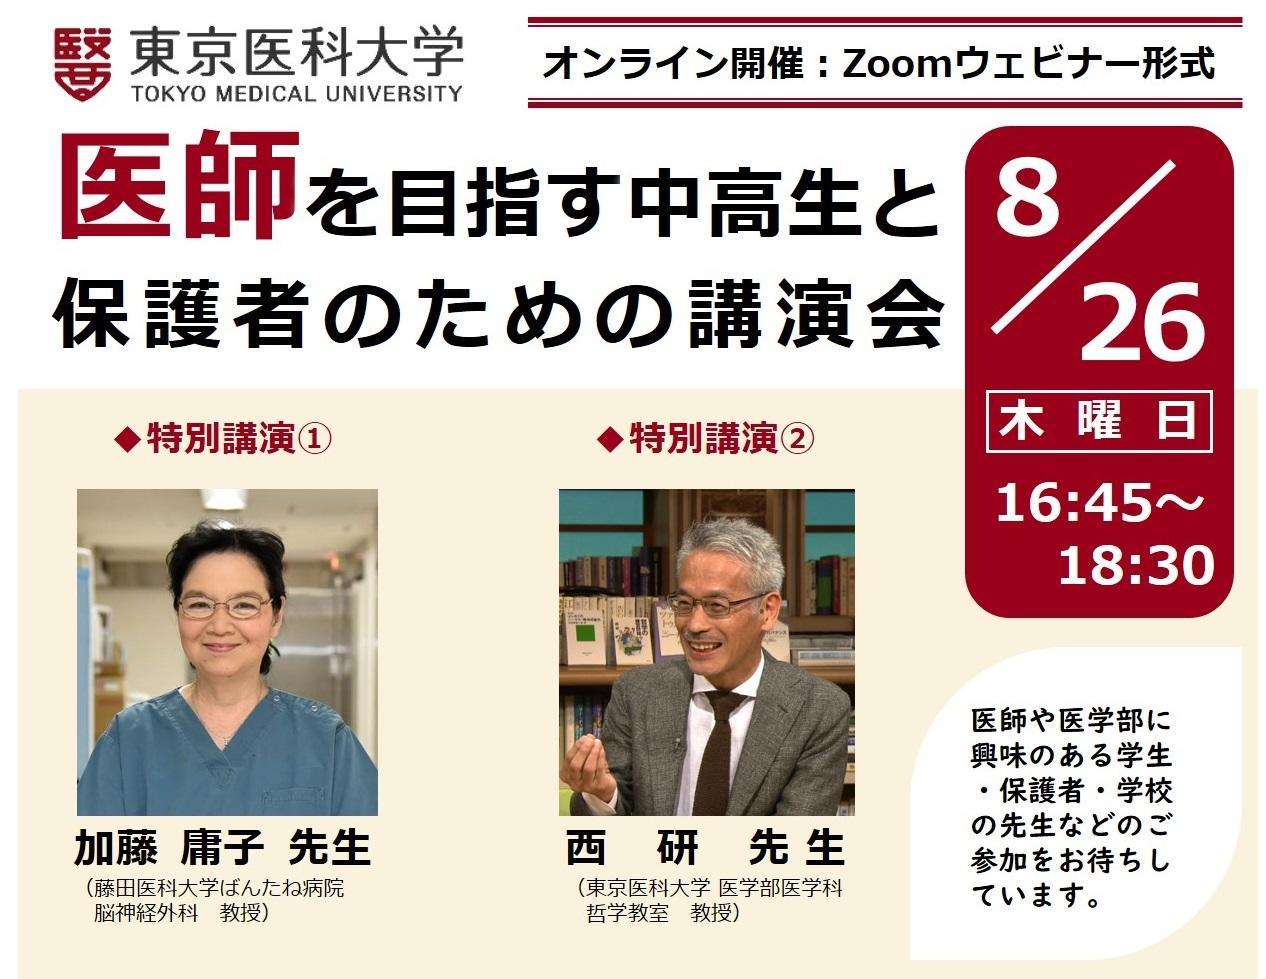 東京医科大学が、8月26日に「医師を目指す中高生と保護者のための講演会」をオンライン開催、事前申込を開始